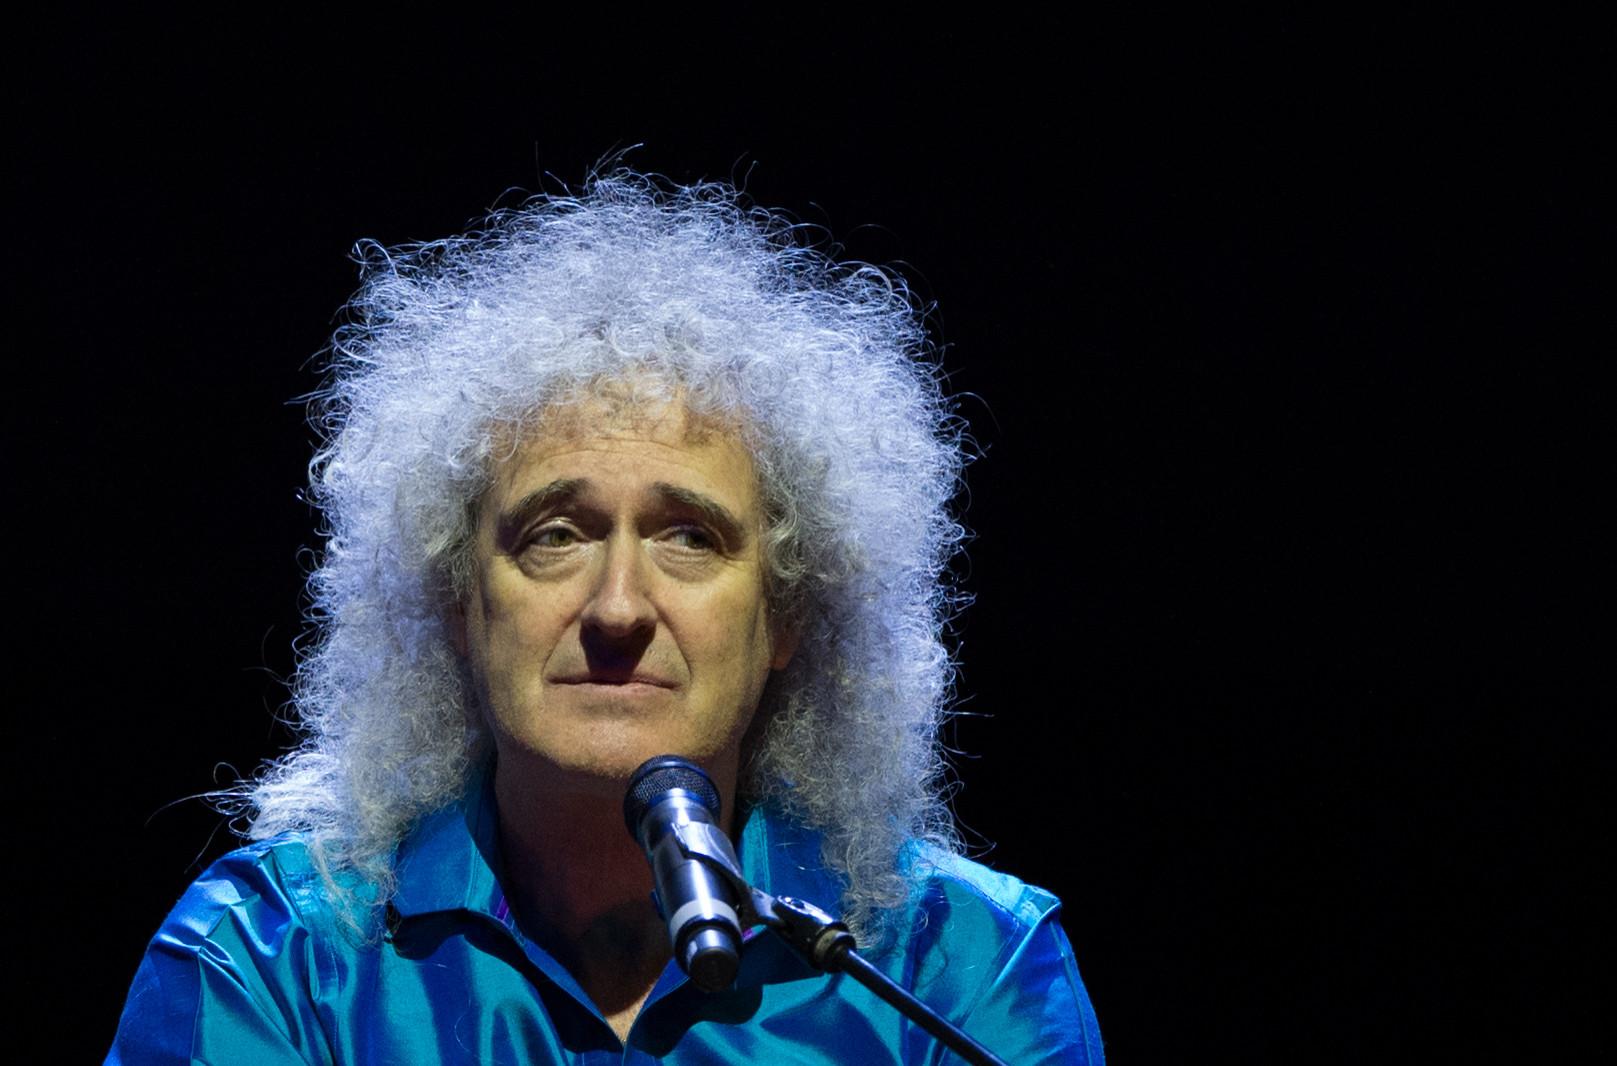 <p><span>Бывший гитарист британской рок-группы Queen Брайан Мэй.&nbsp;</span>Фото: &copy;РИА Новости/Максим Блинов</p>